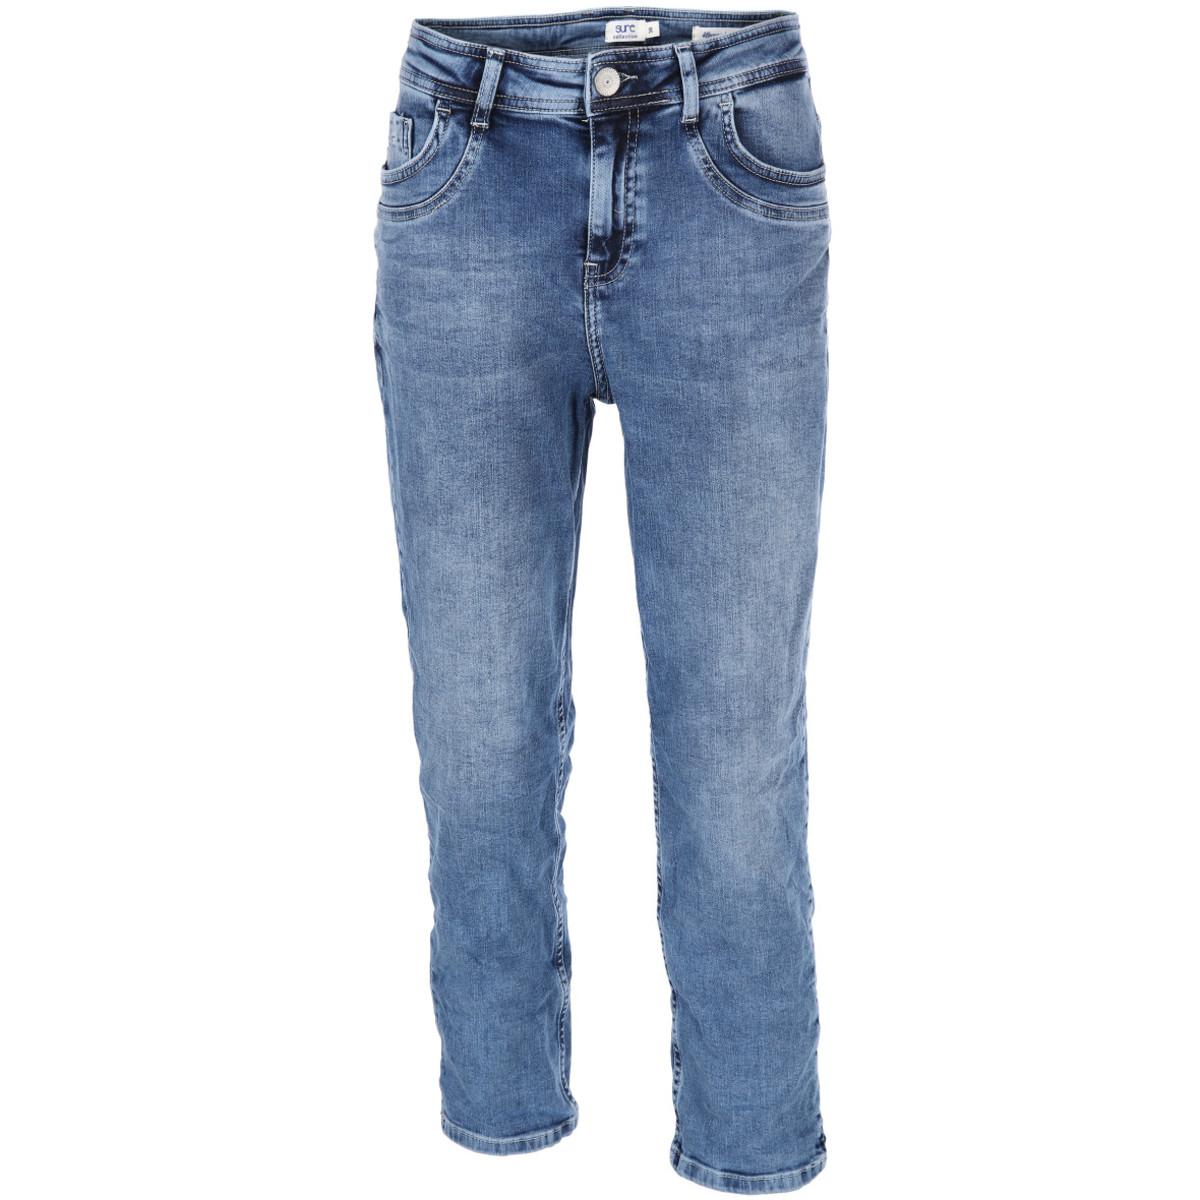 """Bild 1 von Damen Jeans Slim Fit """"Hanna"""" 7/8 Länge"""